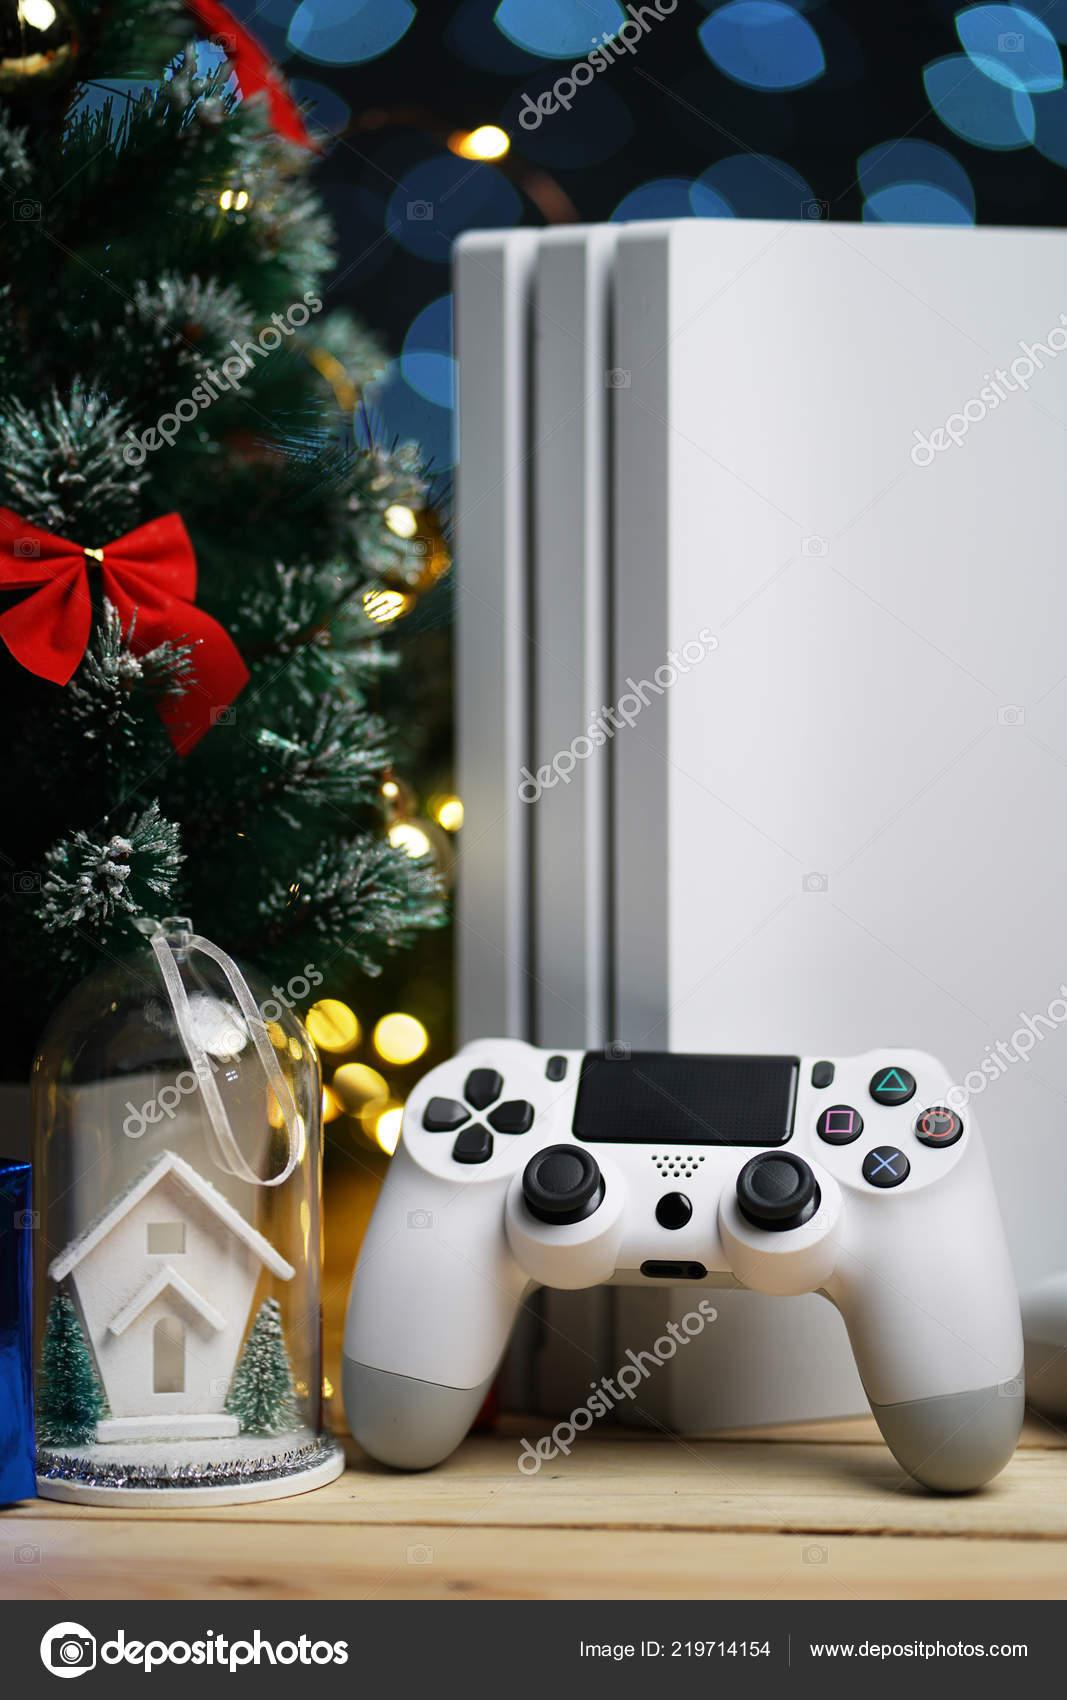 Weihnachtsdekoration Geschenk Spiel Konsole Weihnachtsgeschenk Für ...